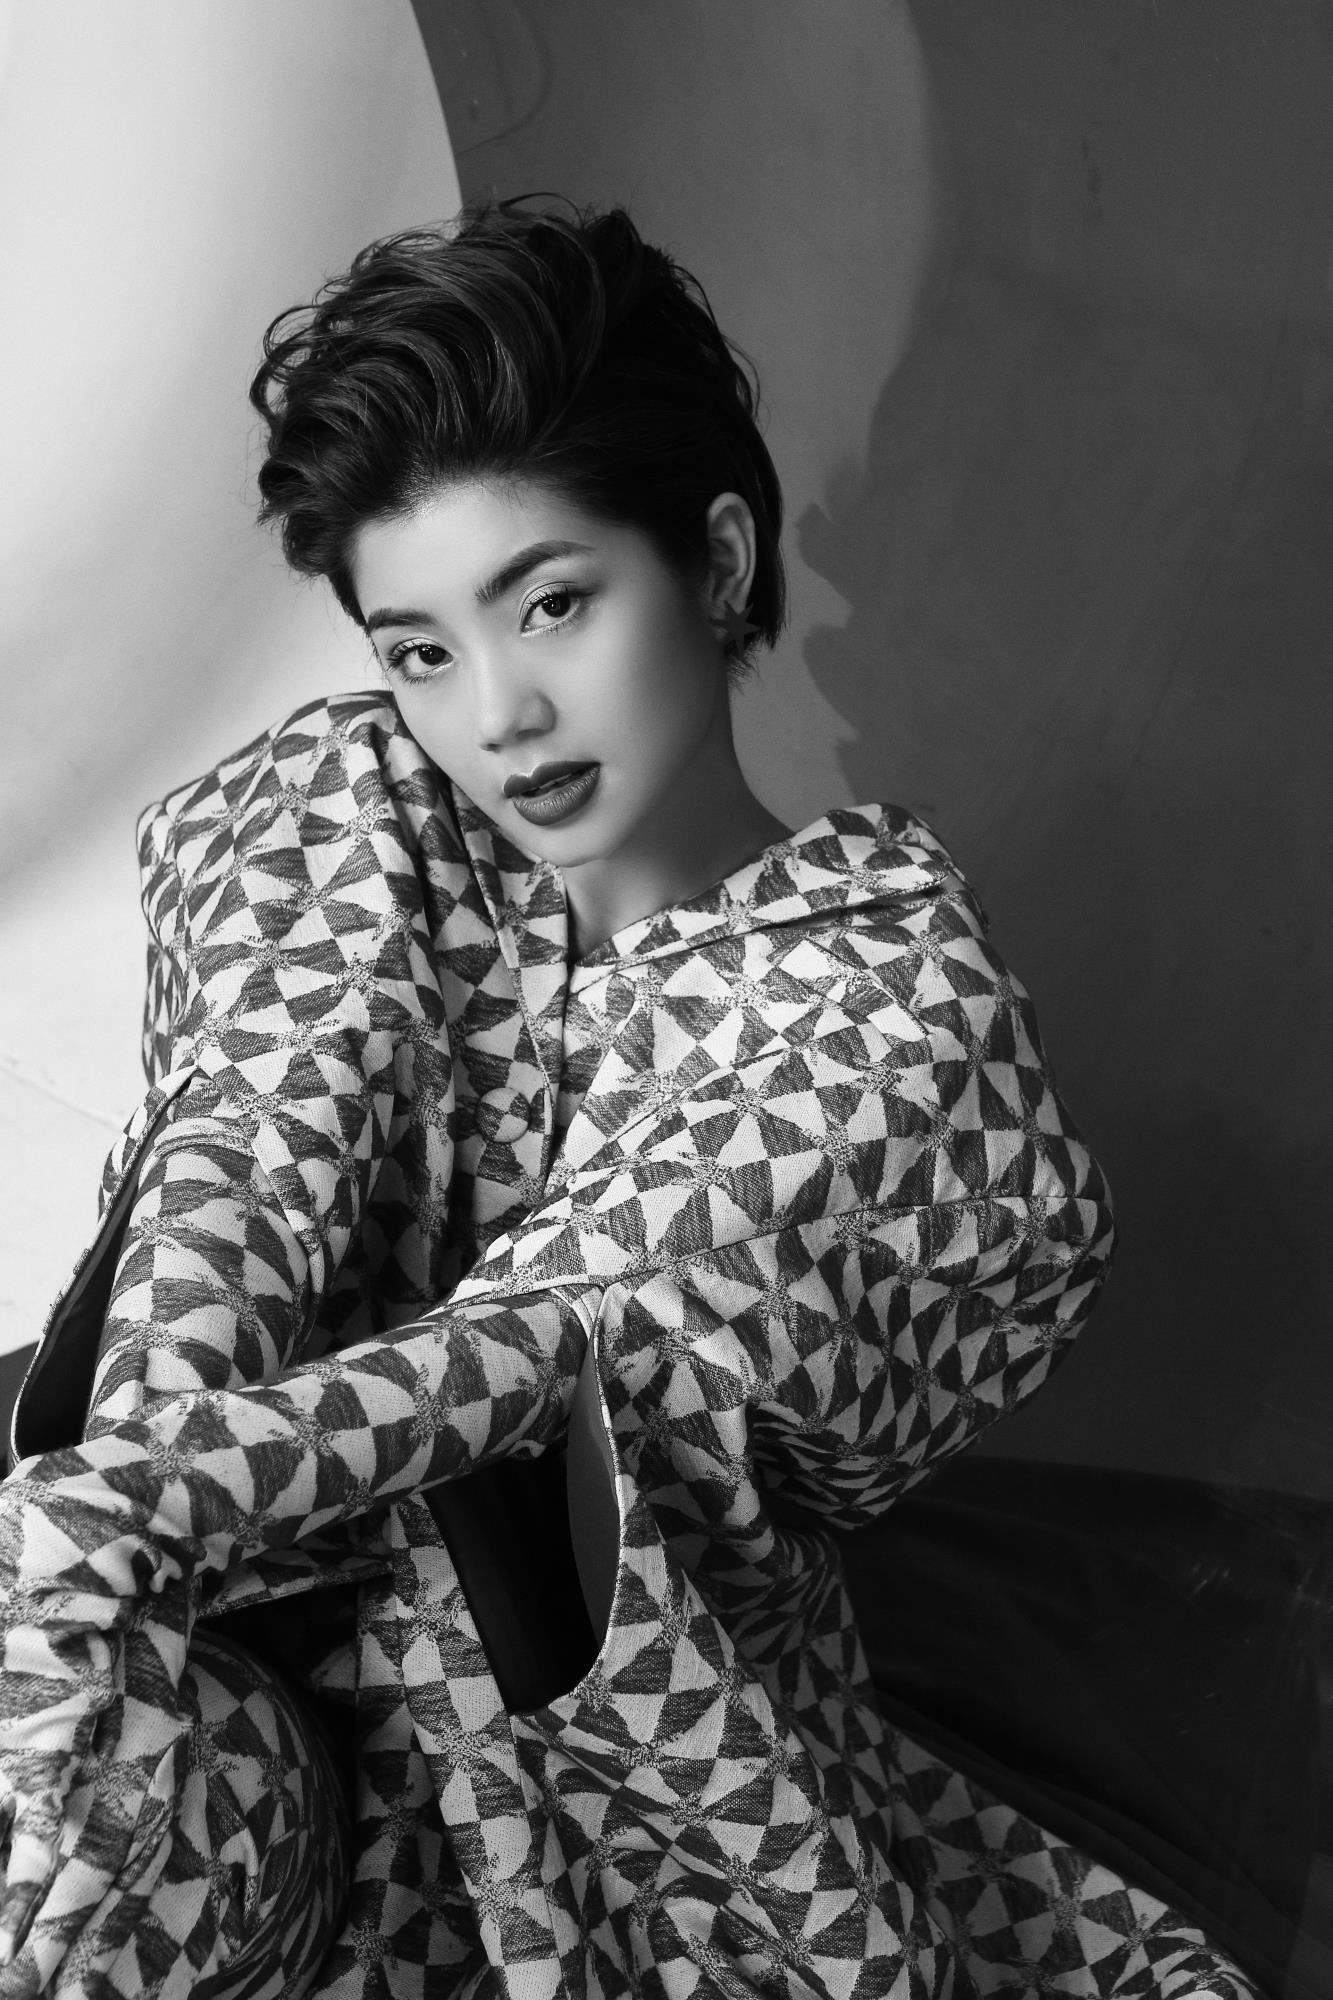 'Bạn gái cũ' của Karik – Đàm Phương Linh khoe vòng 1 'lấp ló' gợi cảm trong những thiết kế high fashion - Ảnh 9